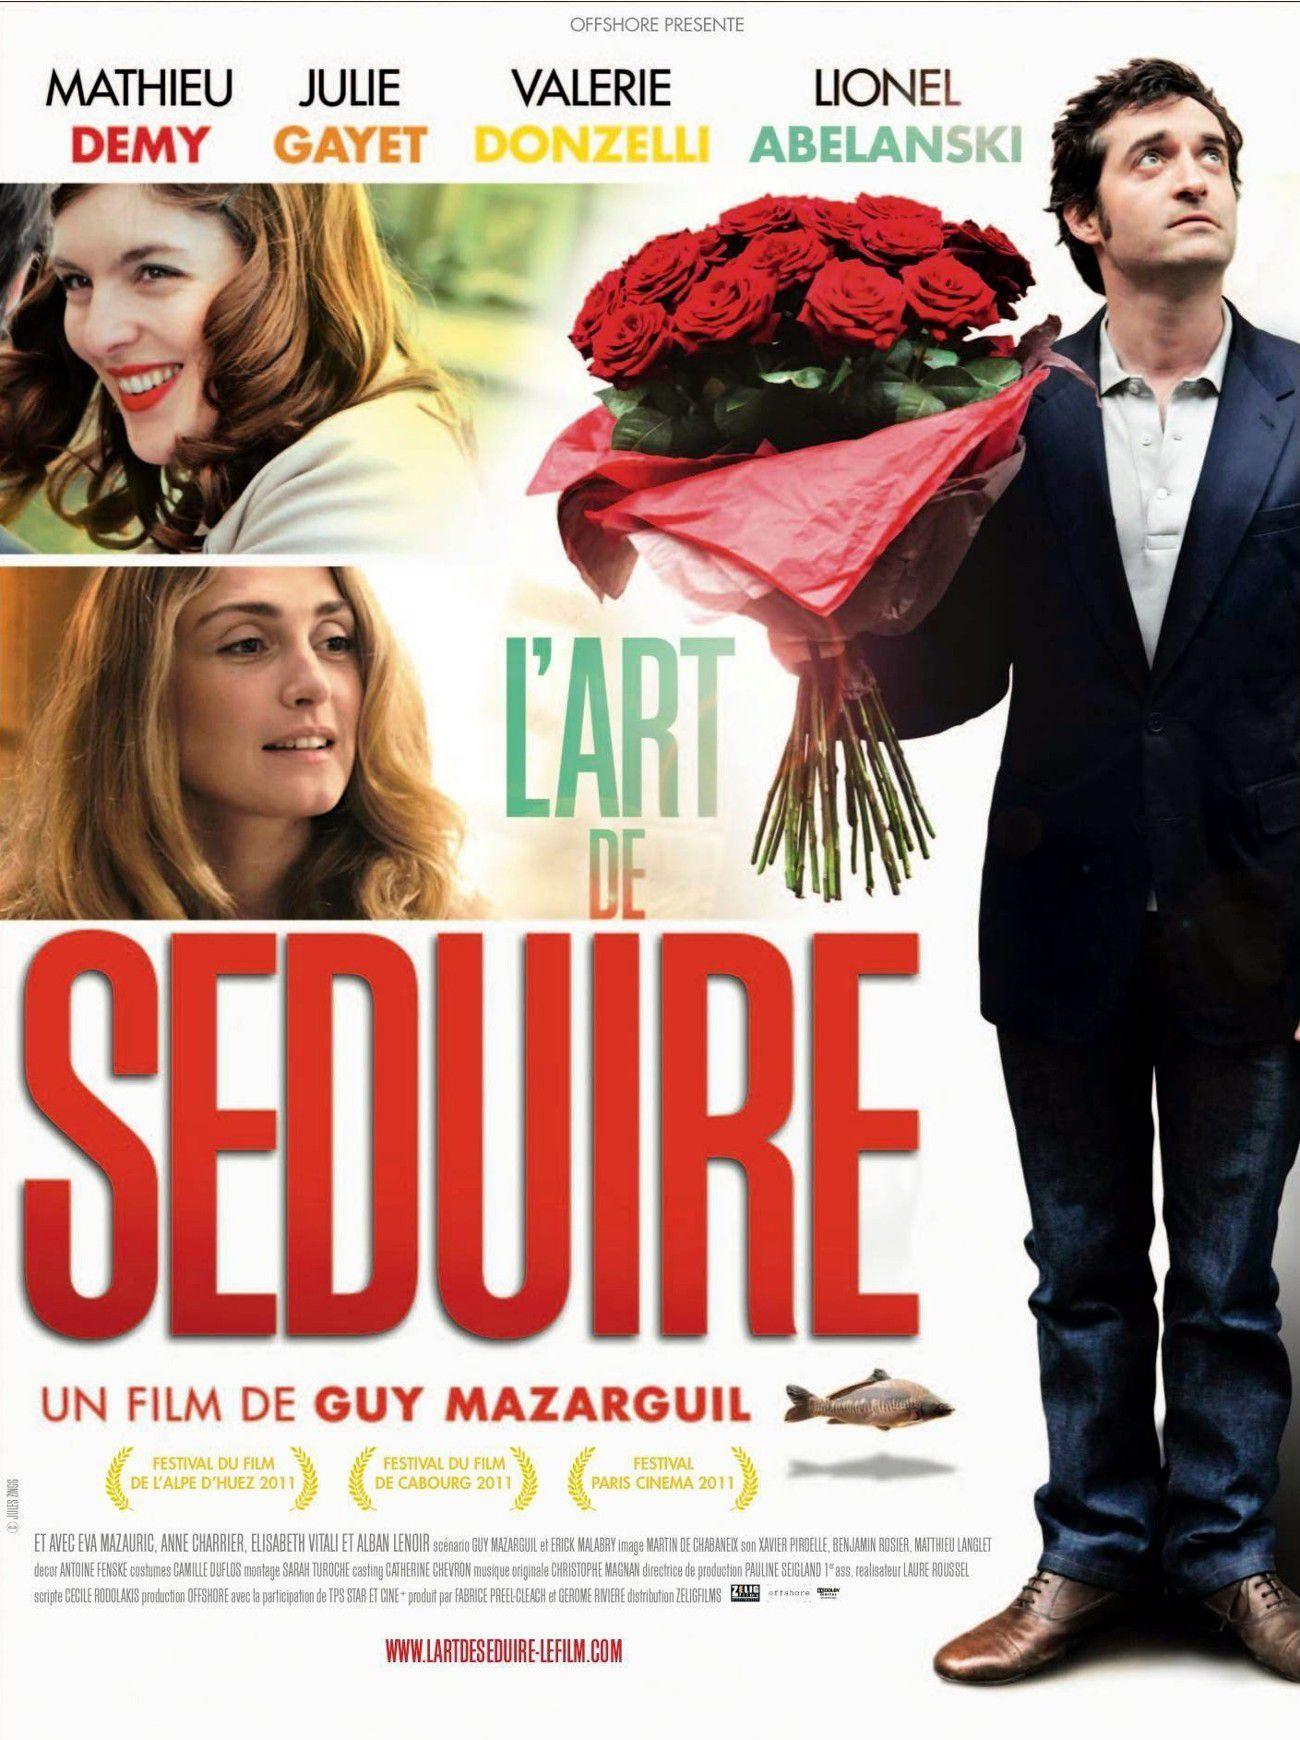 L'Art de séduire - Film (2011)